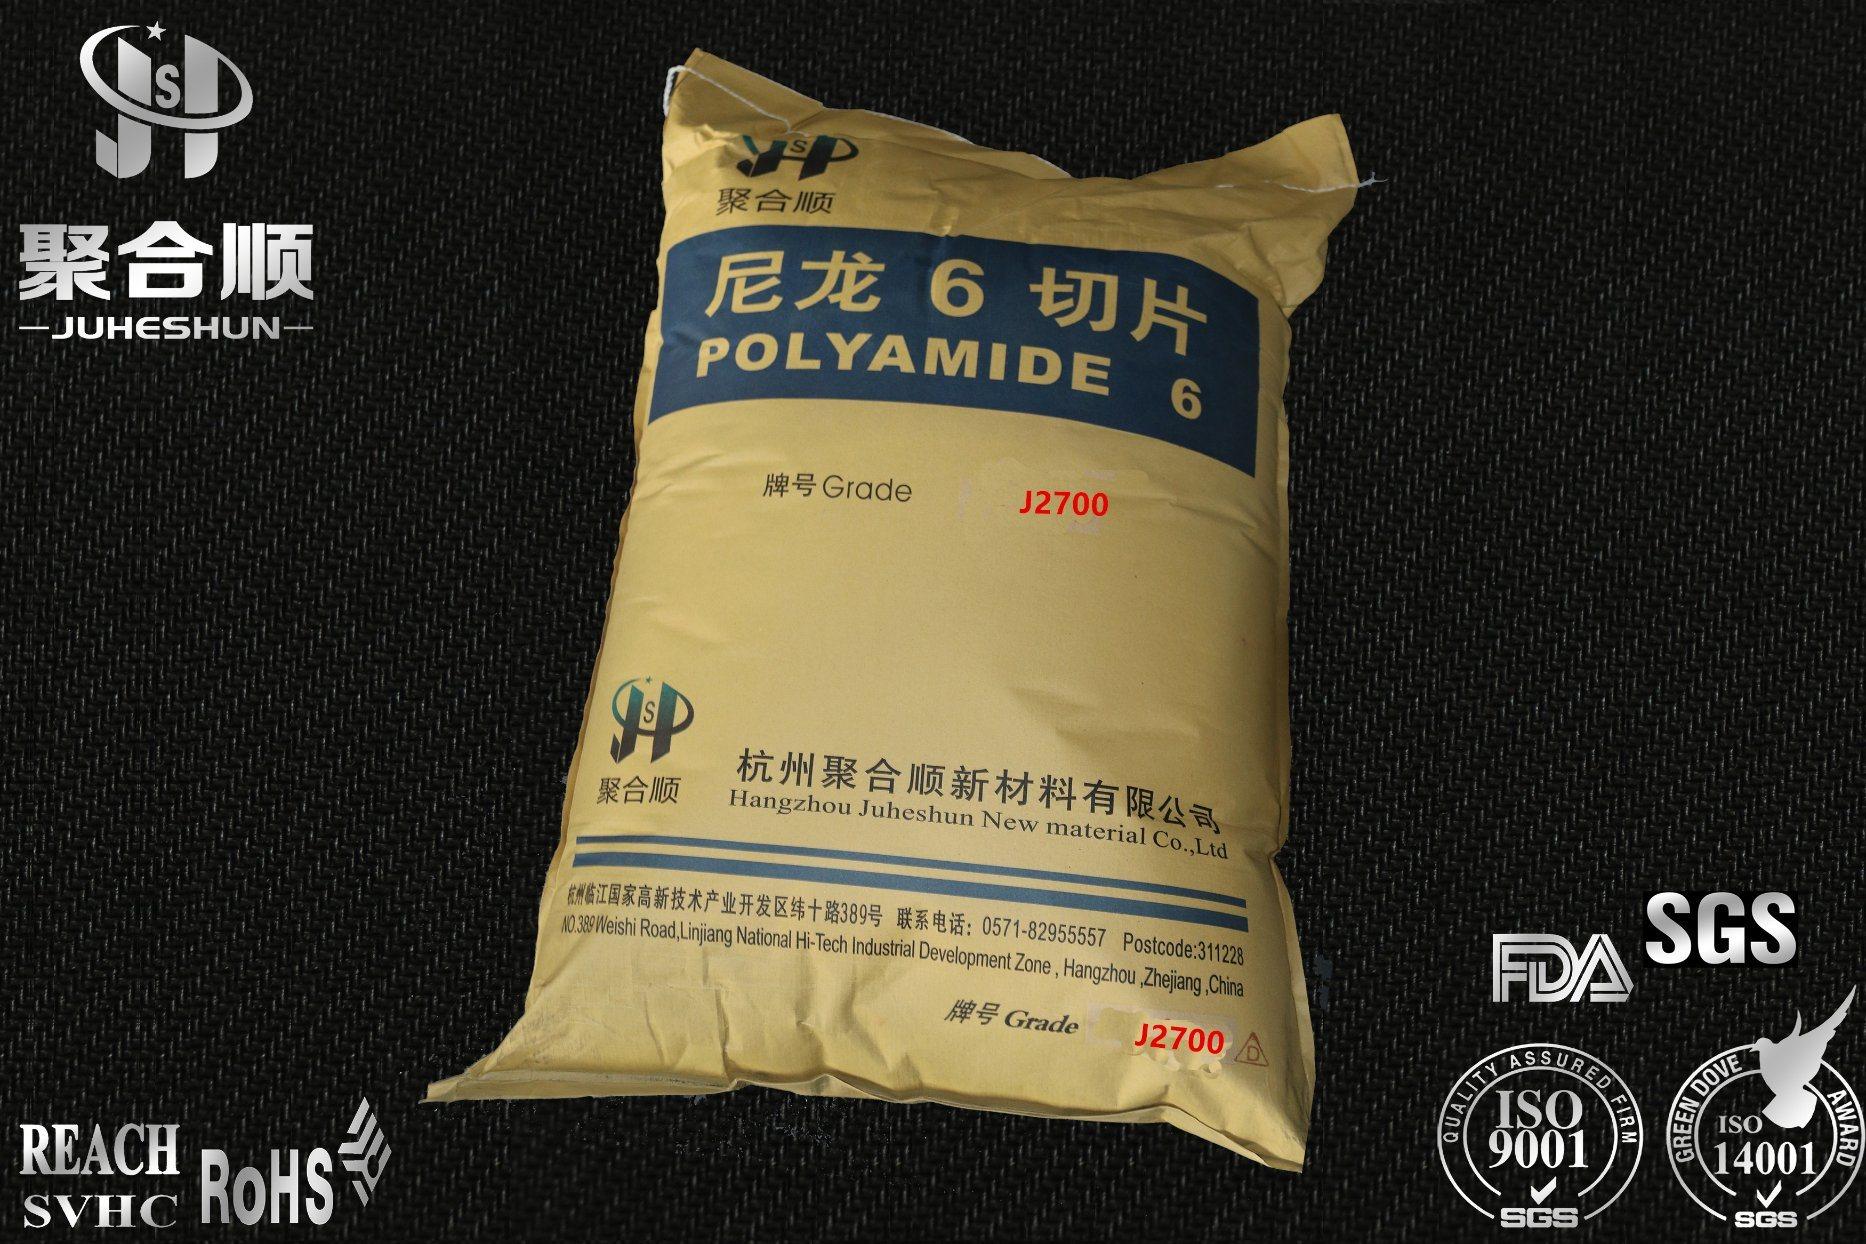 J2700/Nylon 6 Chips/Polyamide 6 Granules/Pellet/PA6 for Engineering Grade